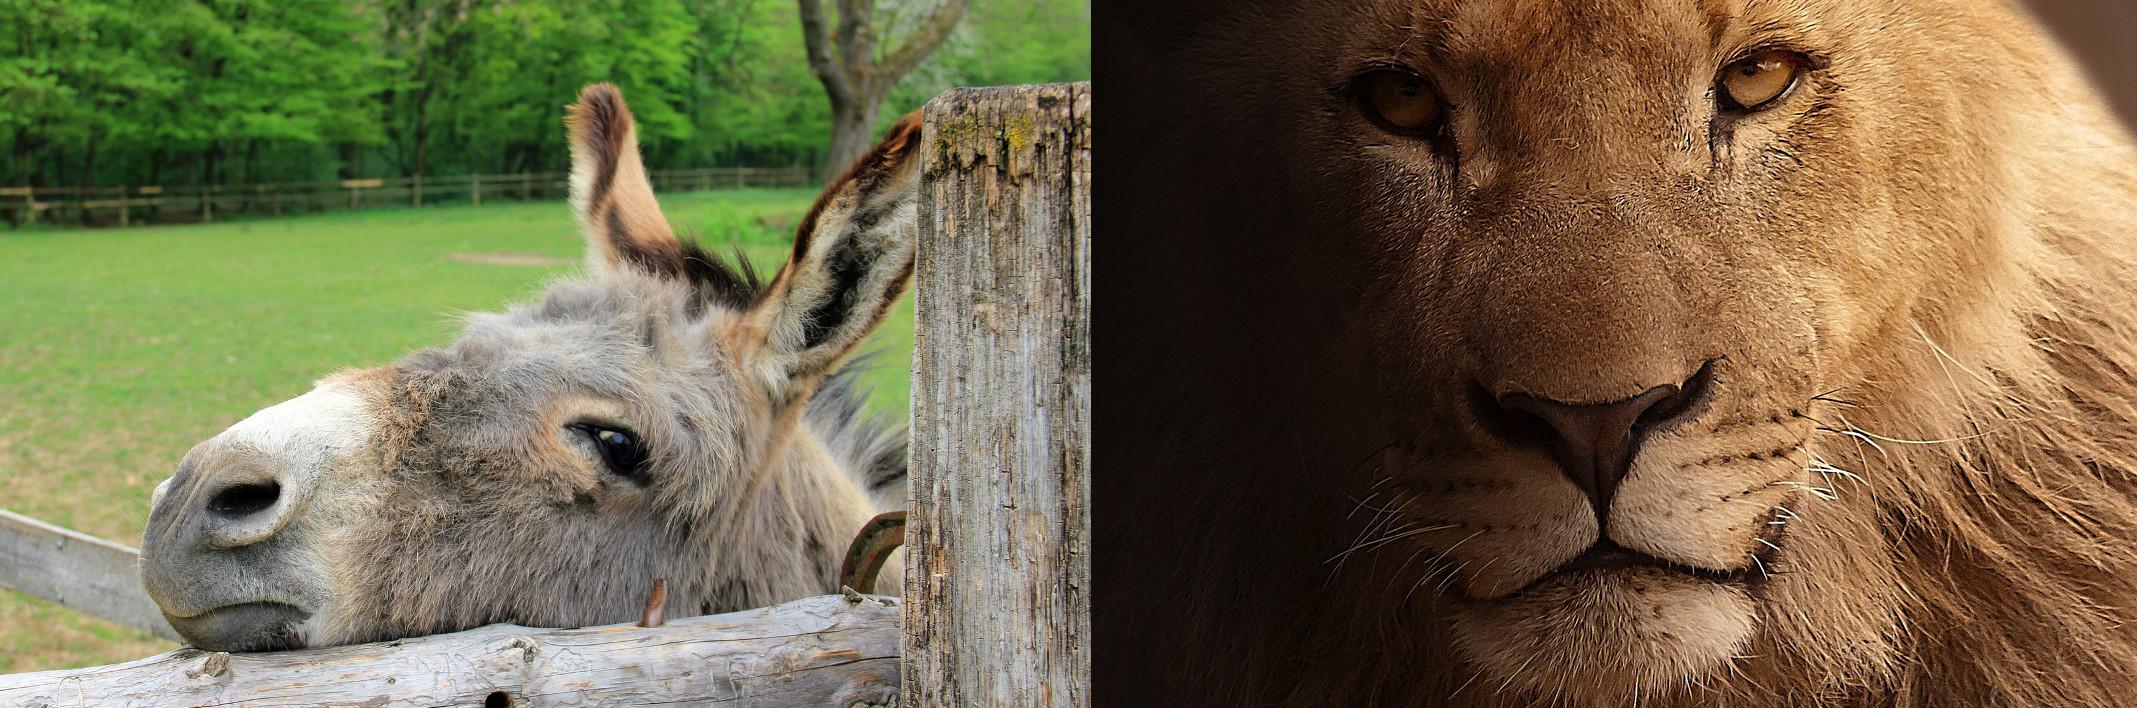 lion-or-donkey